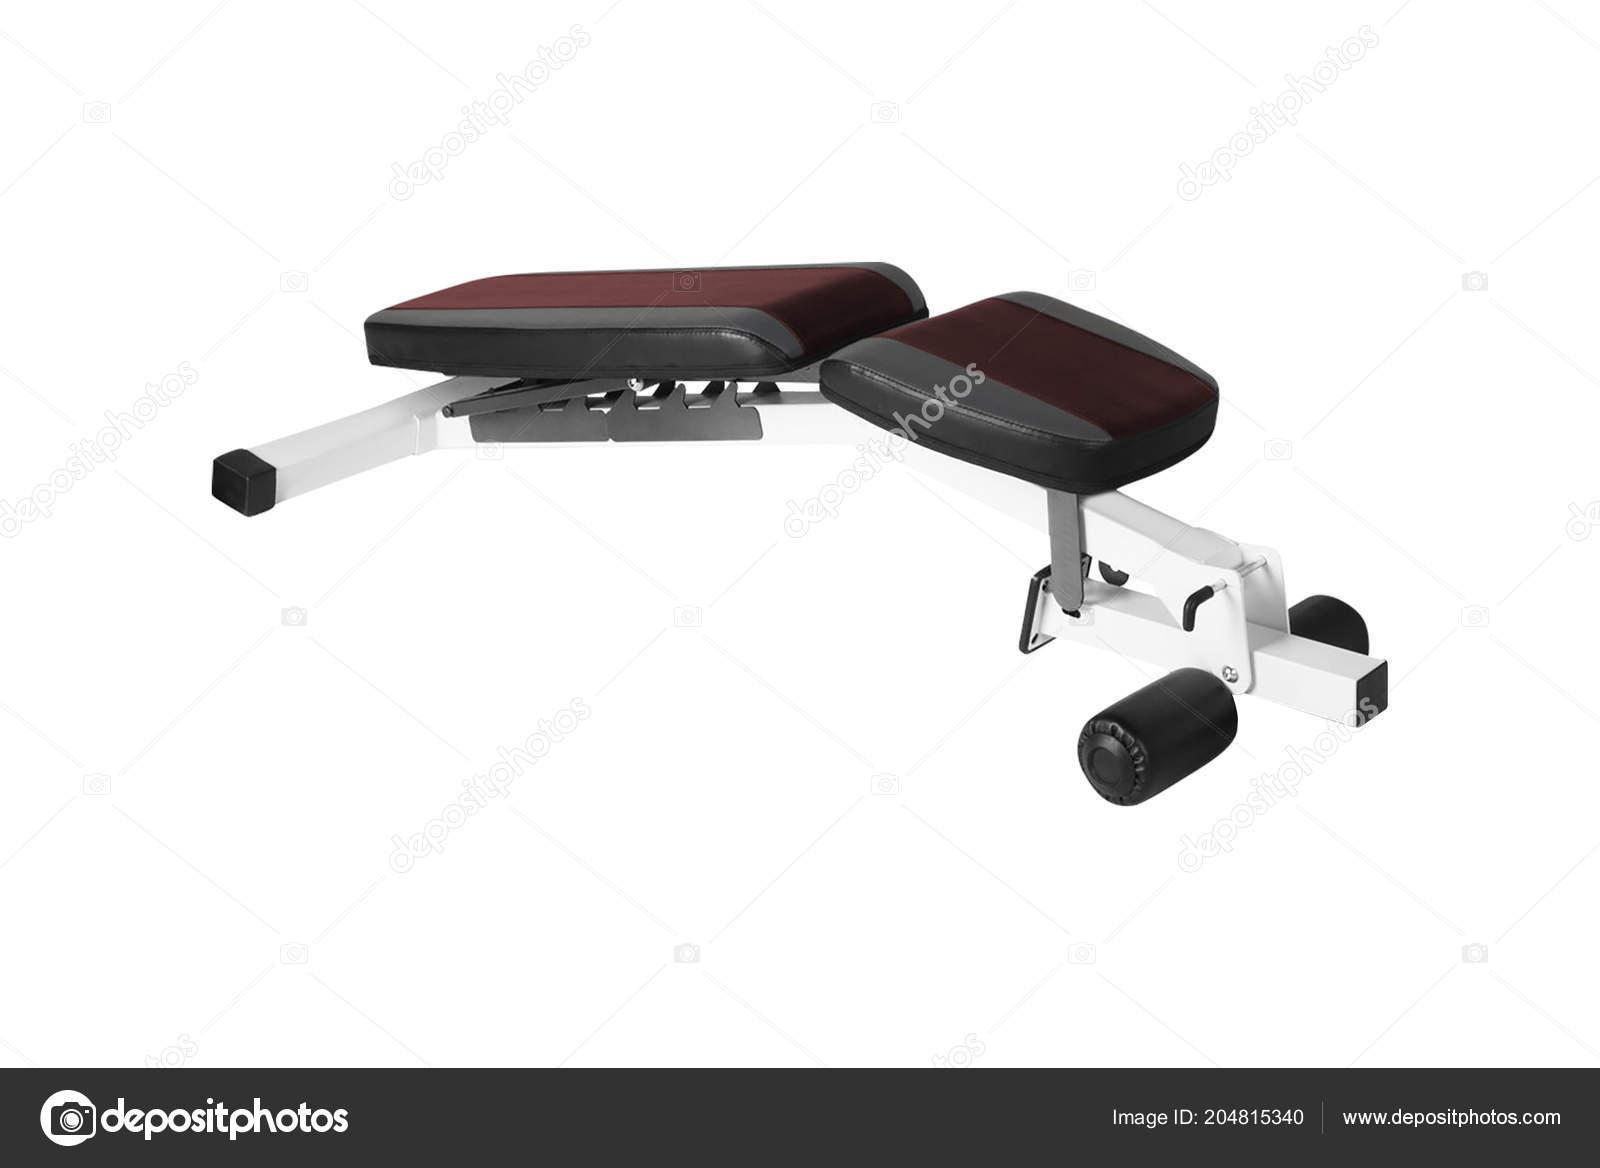 Banc Musculation Exercice Isolé Sur Fond Blanc Photographie